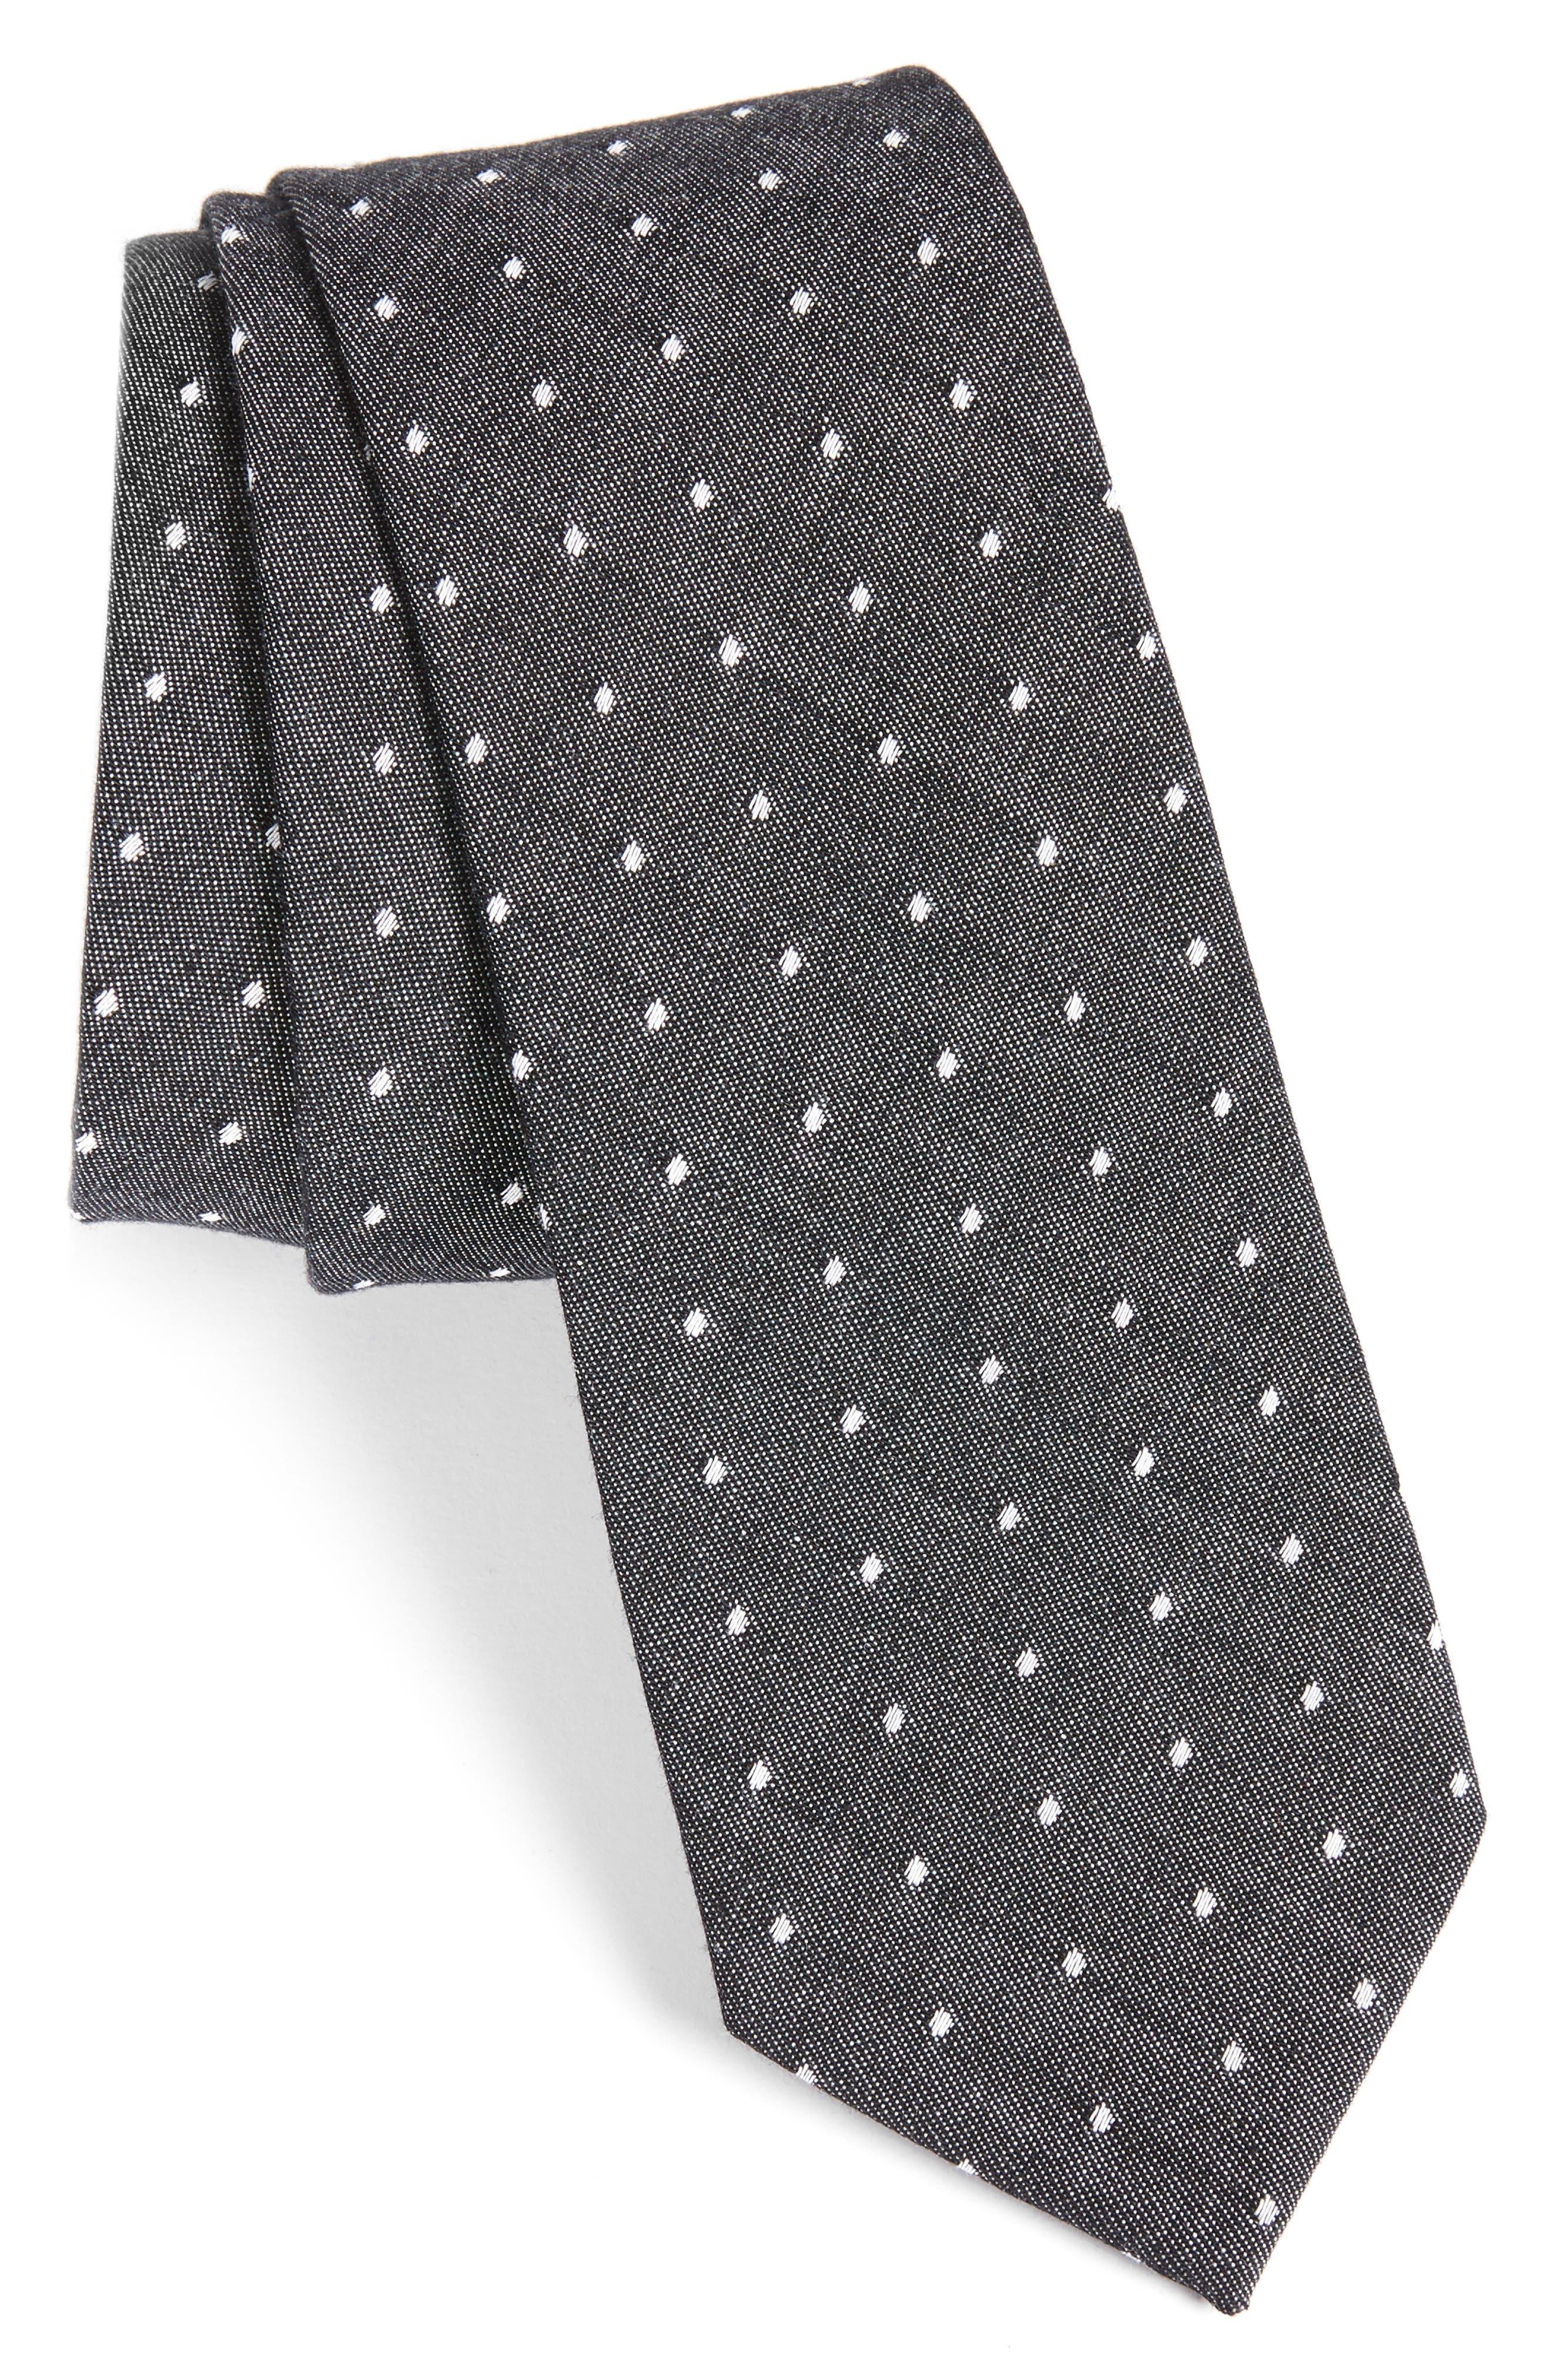 Dot Cotton Tie,                         Main,                         color, Black